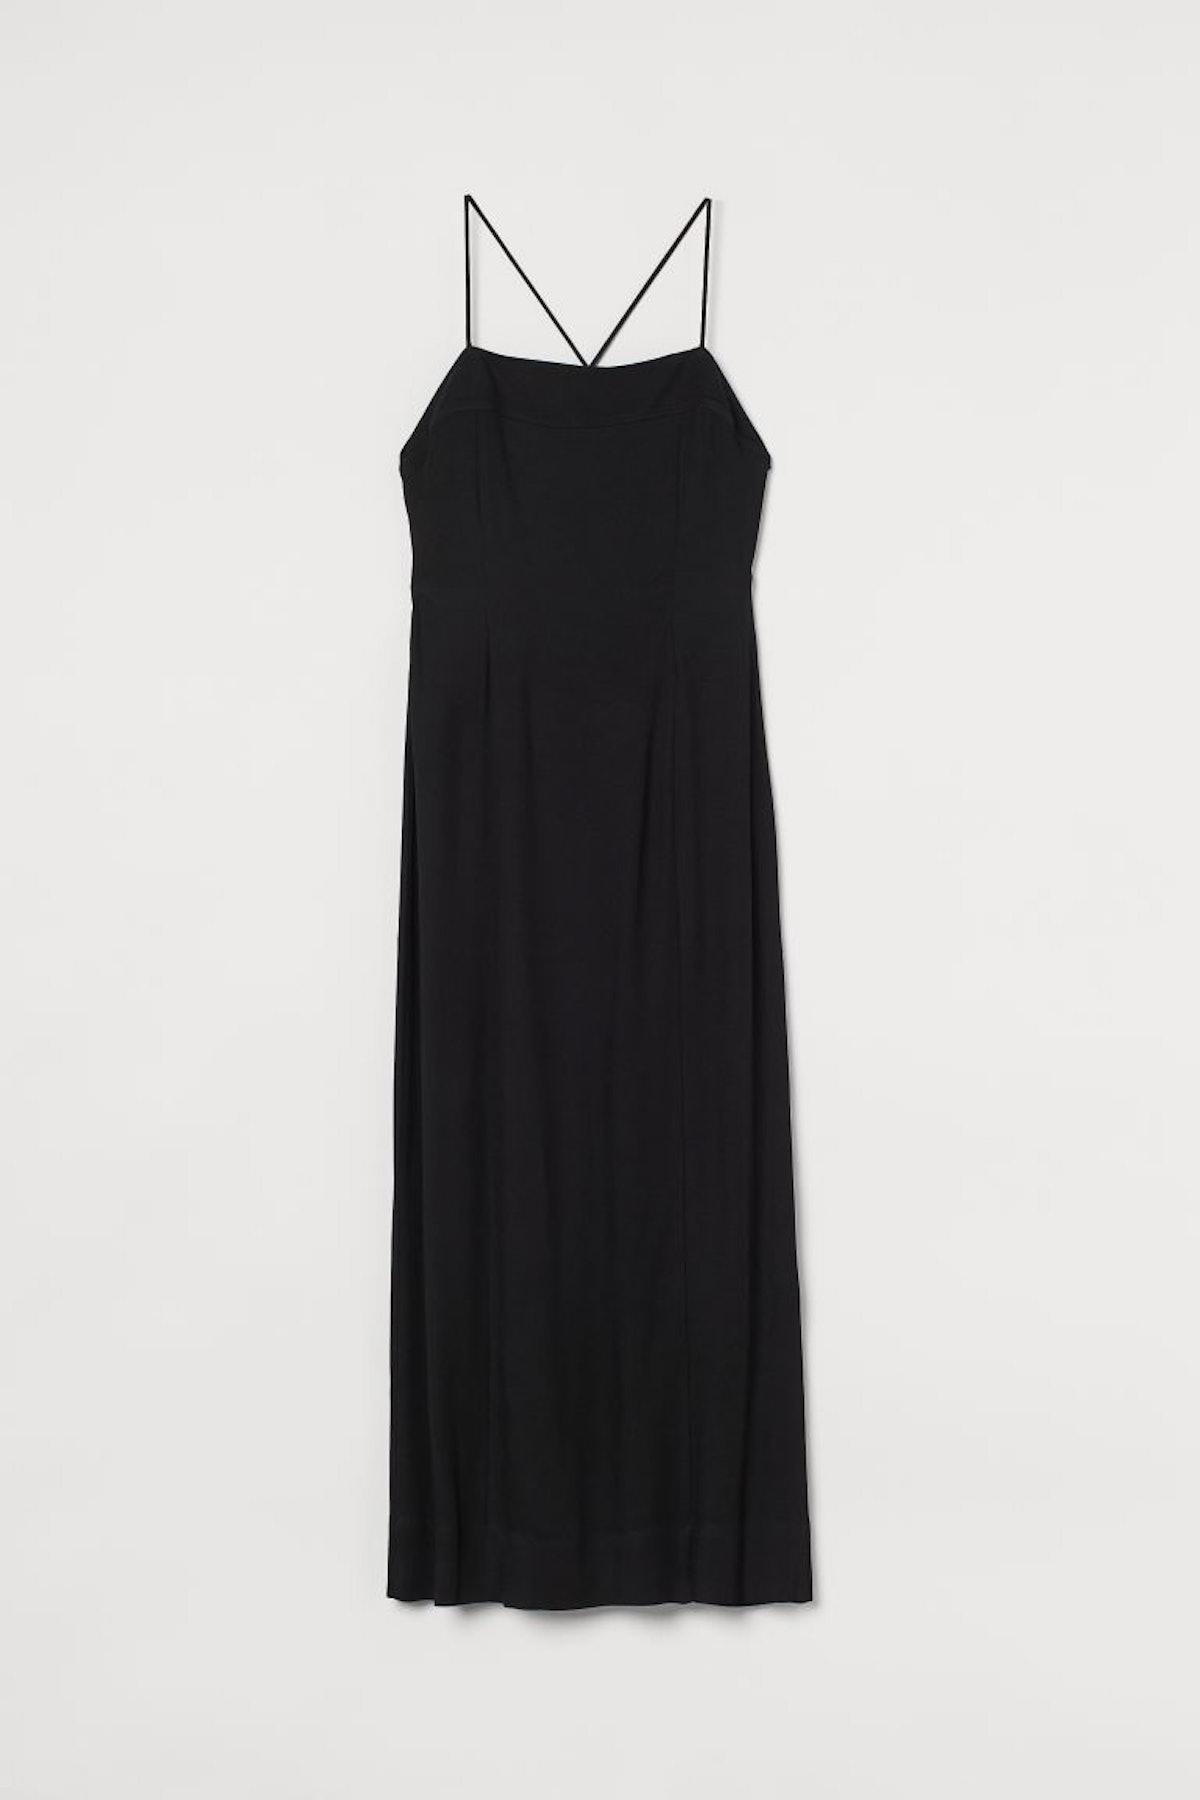 Open-Backed Dress